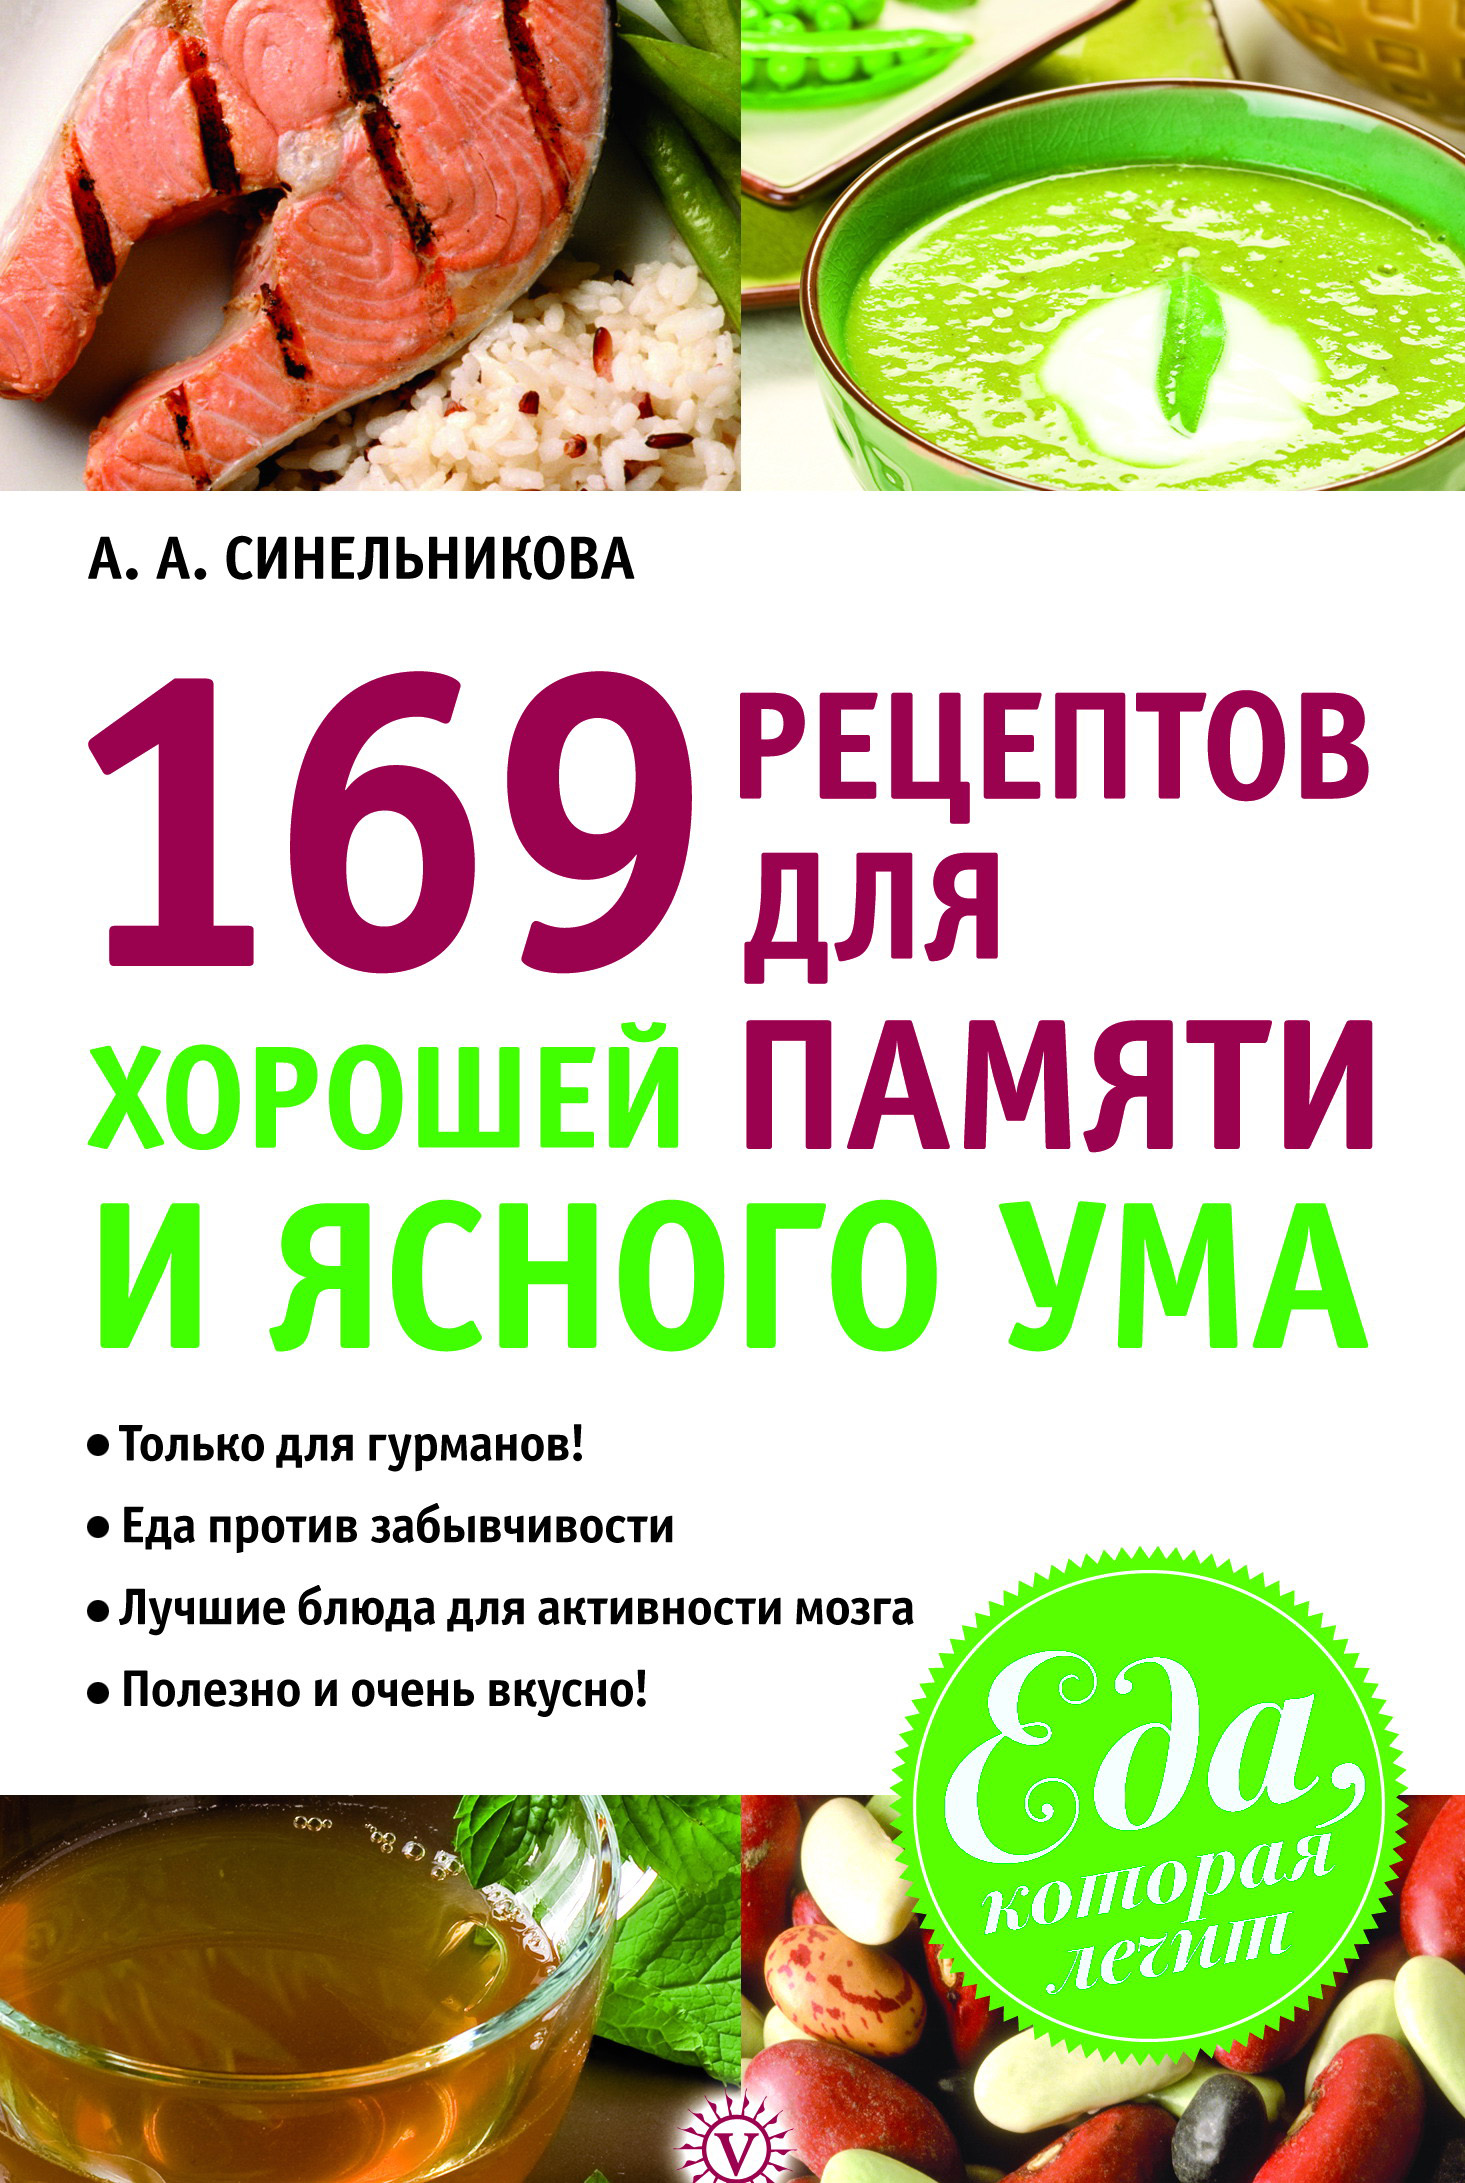 А. Синельникова «169 рецептов для хорошей памяти и ясного ума»